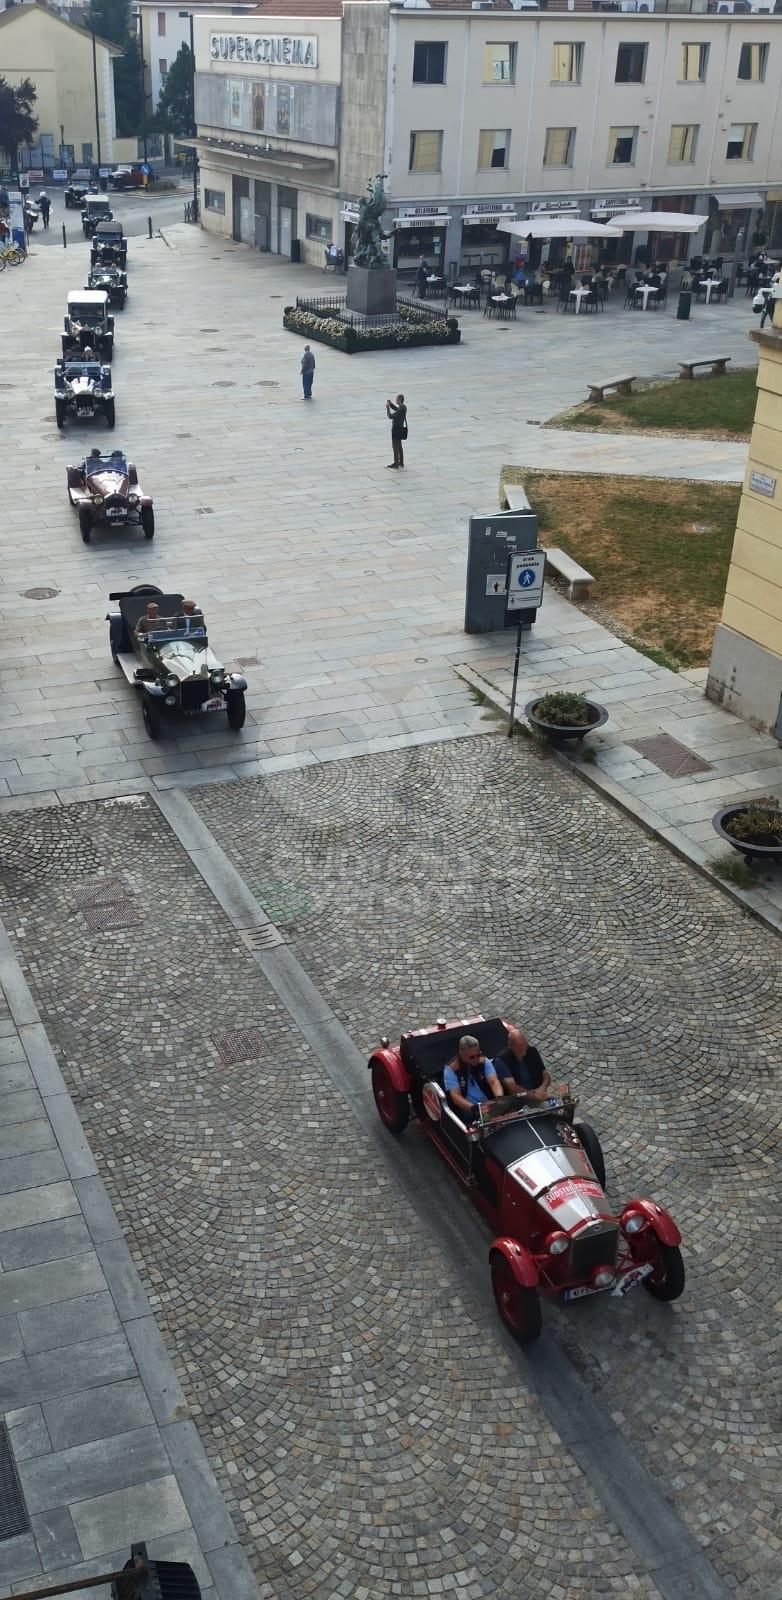 VENARIA - Il centro cittadino invaso di Lancia Lambda in occasione del centenario - FOTO